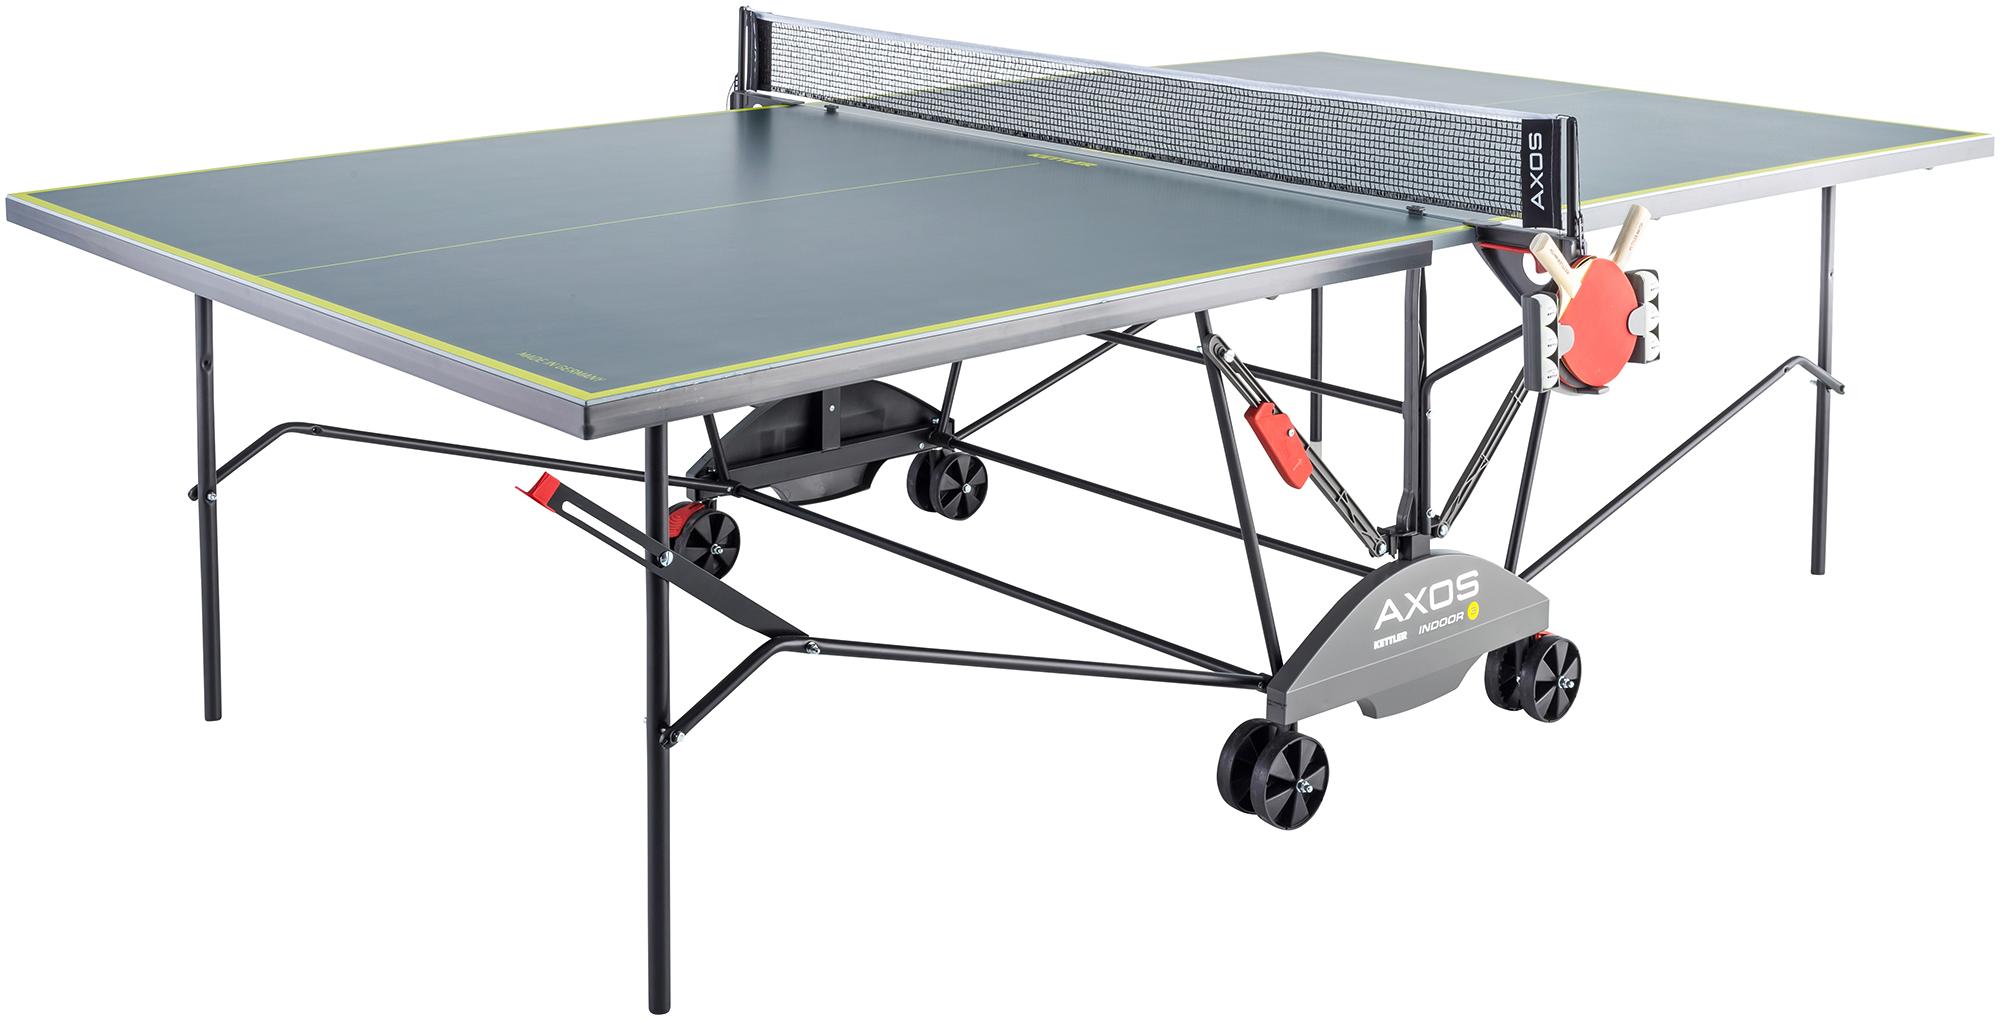 Kettler Теннисный стол Kettler Axos Indoor 3